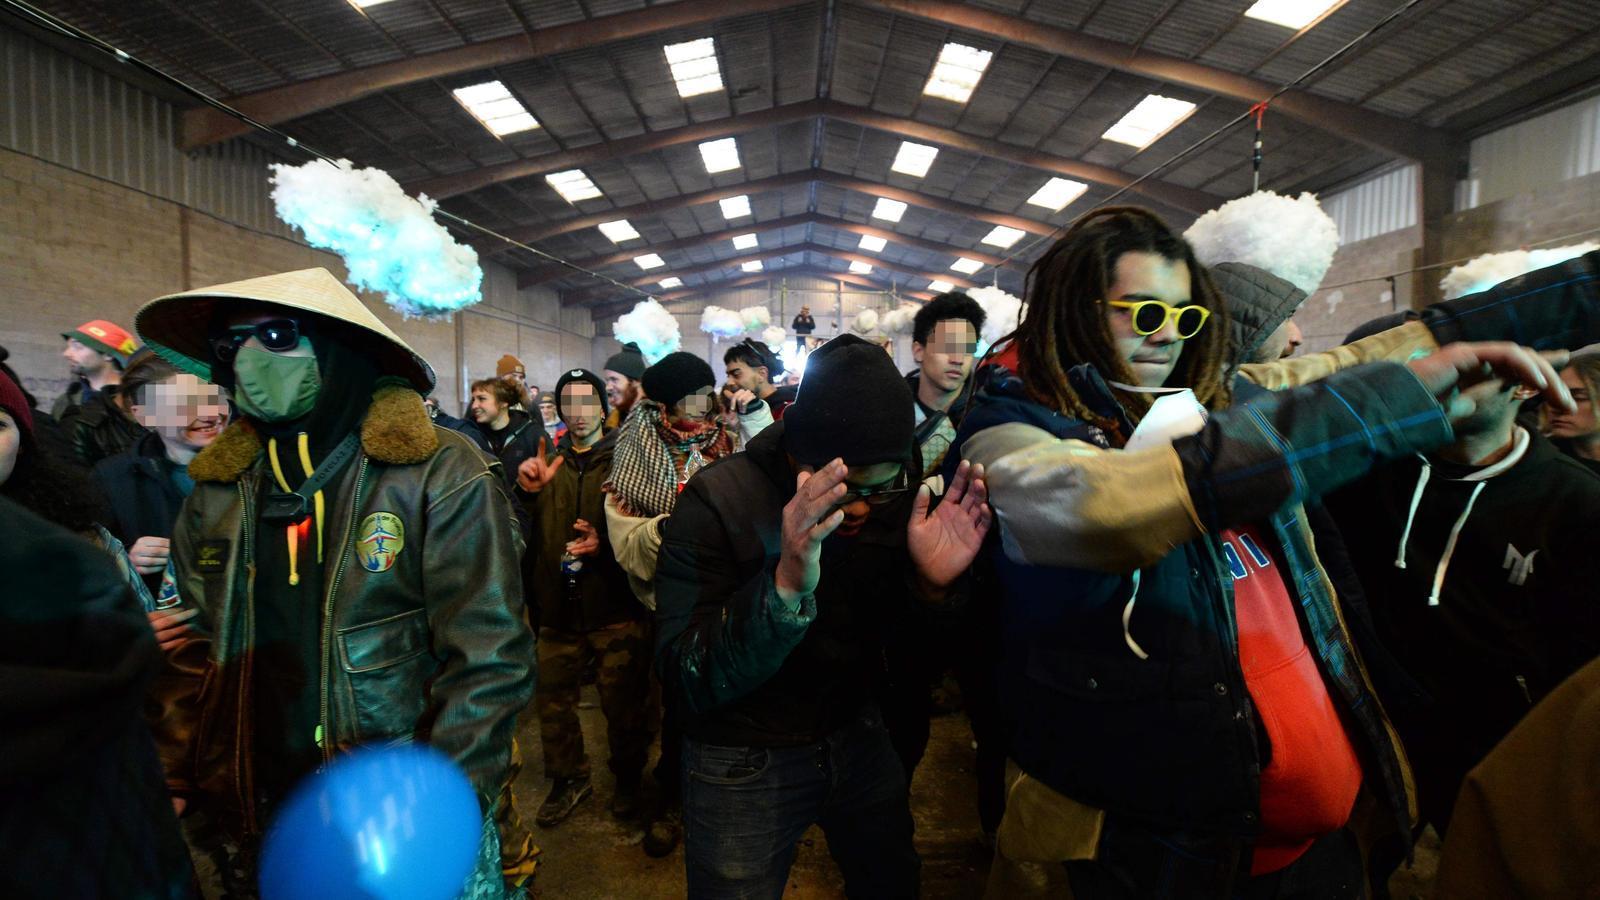 La gent balla durant una festa il·legal a prop d'un hangar en desús a Lieuron a uns 40 km al sud de Rennes